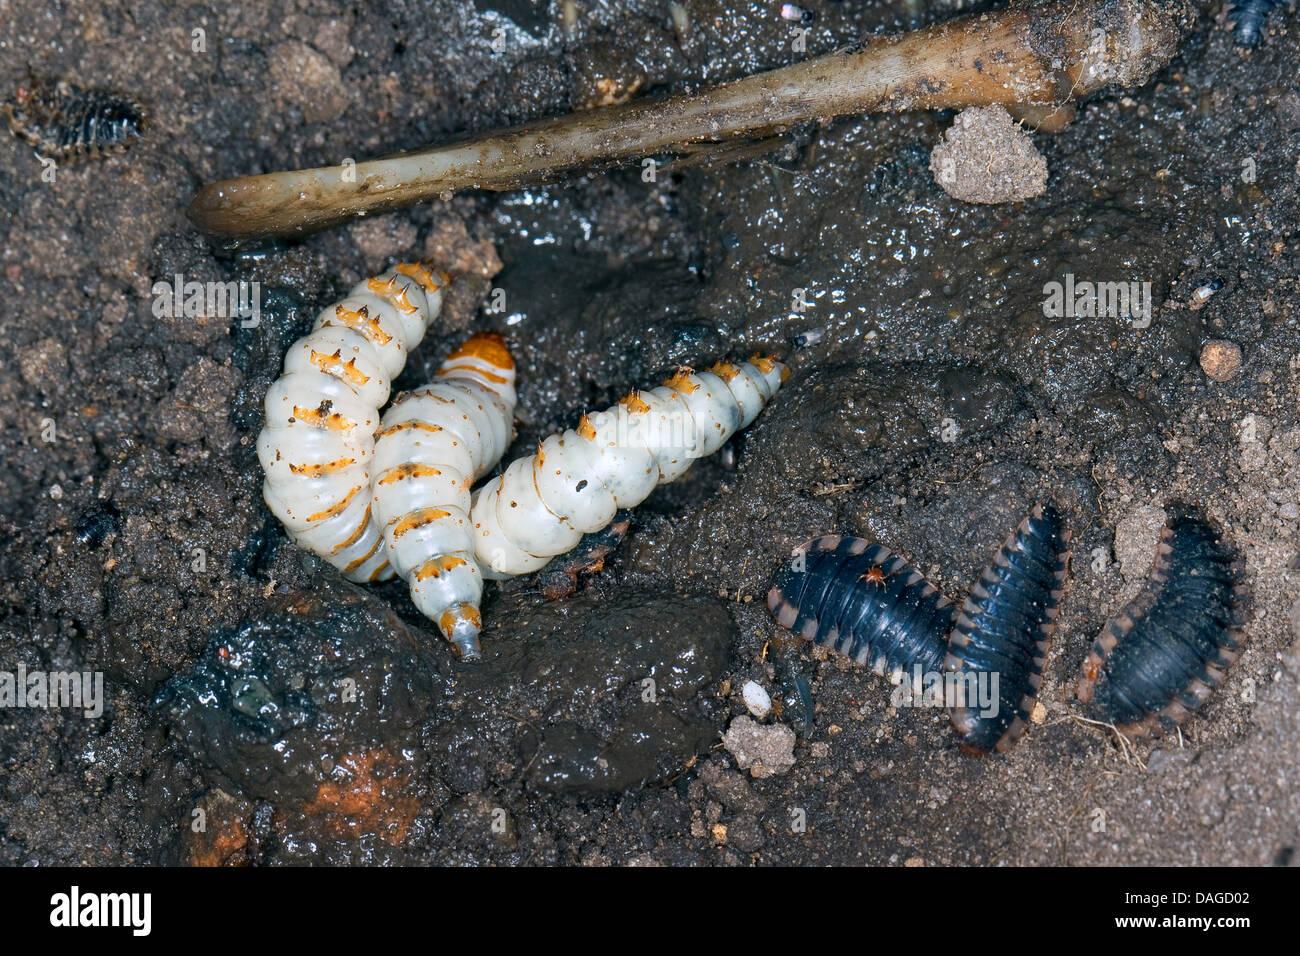 Black burying beetle (Necrophorus humator, Nicrophorus humator), larvae of the Black burying beetle feeding on corpse - Stock Image